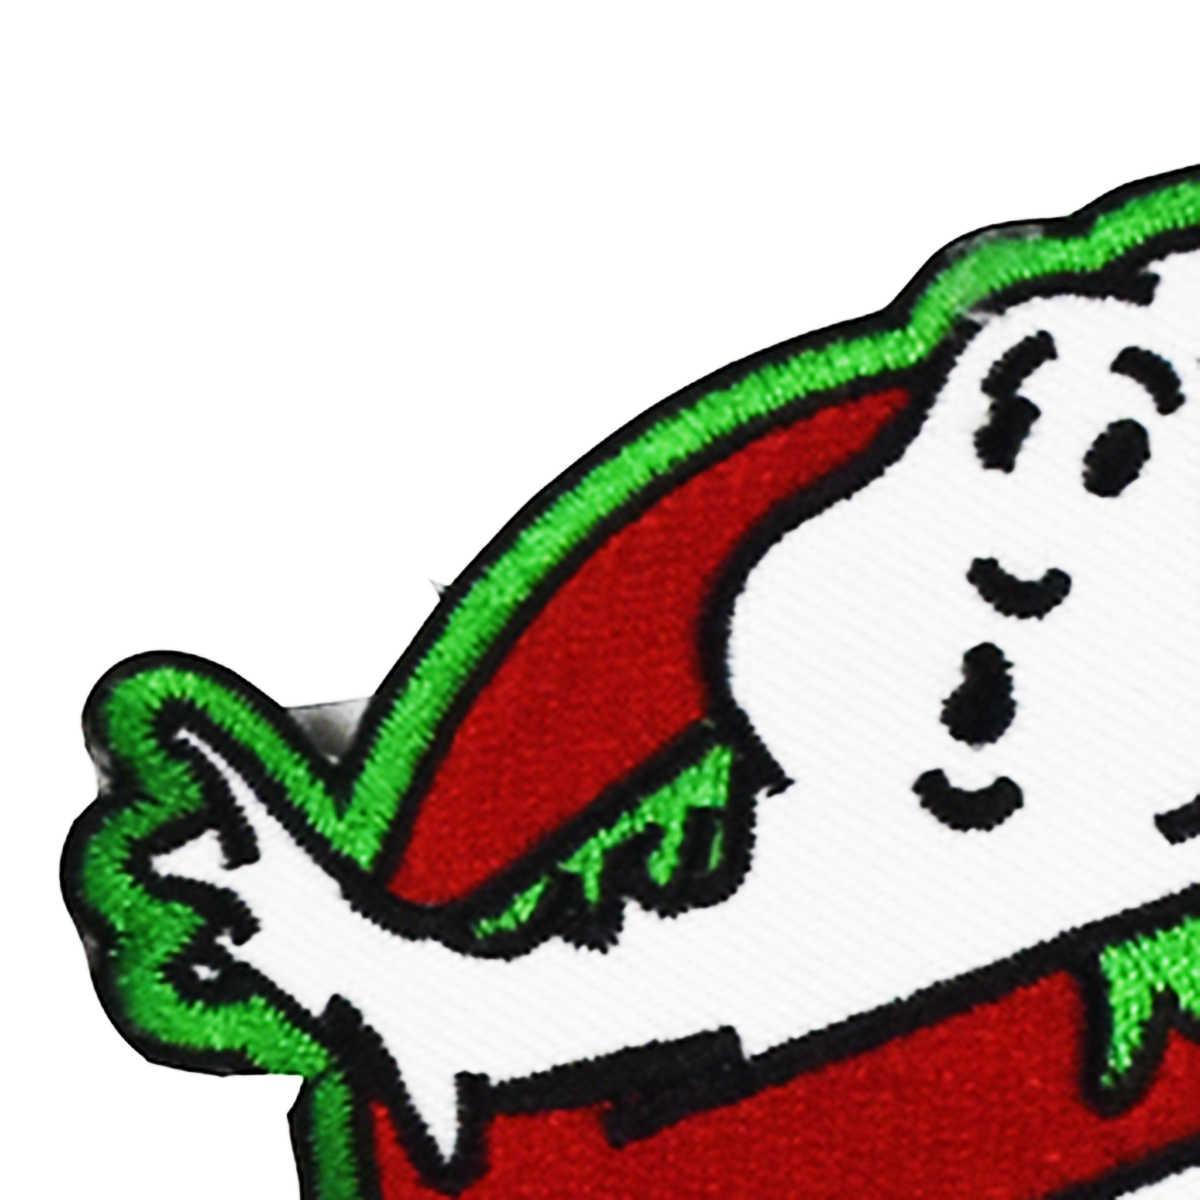 Ghostbuster зеленый Слизень призрак патч Эмблема байкер ретро эмо нашивка на одежду в виде знака хиппи пришить/Железо на патч Аксессуары для лоскутного шитья